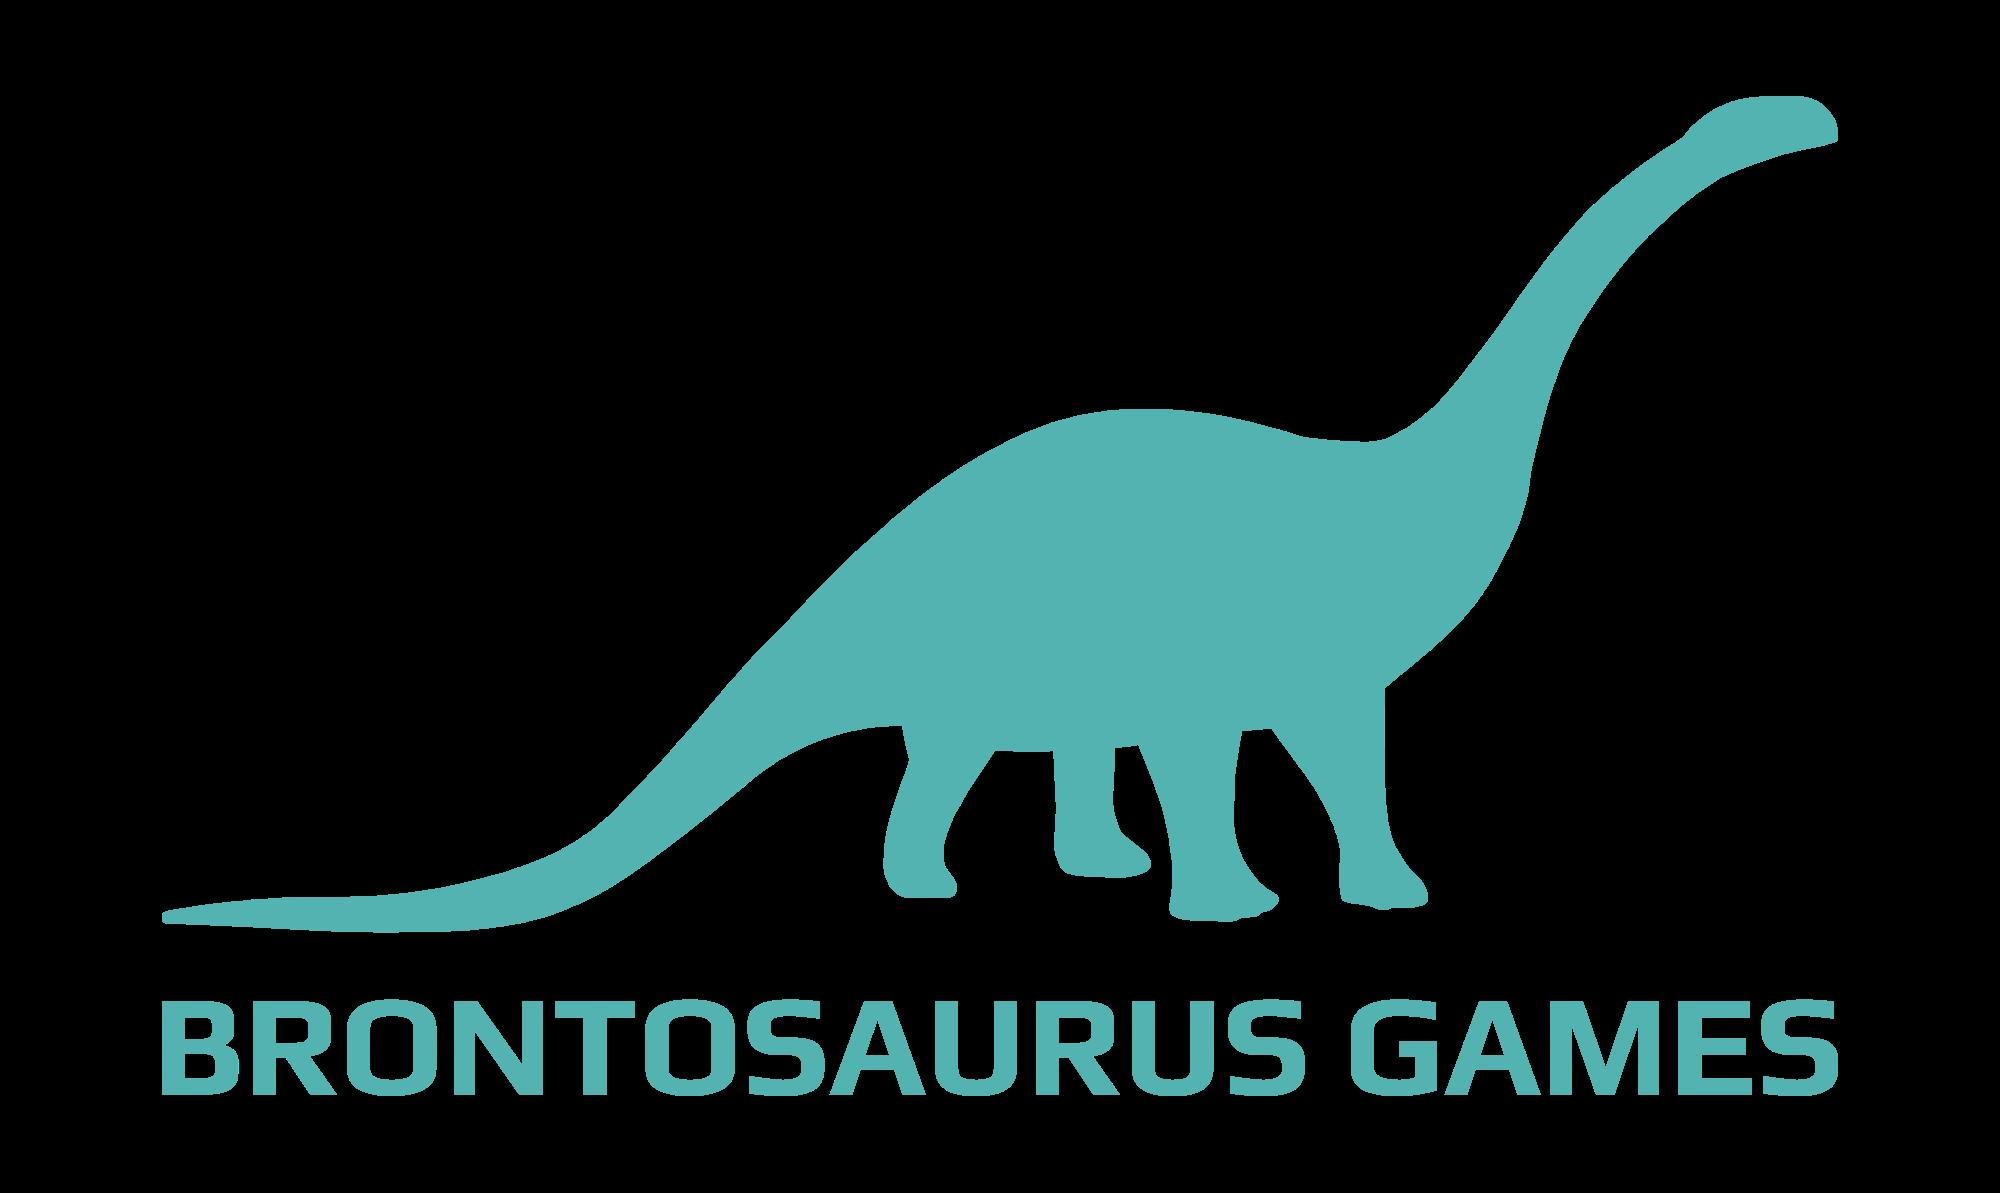 Brontosaurus Games logo